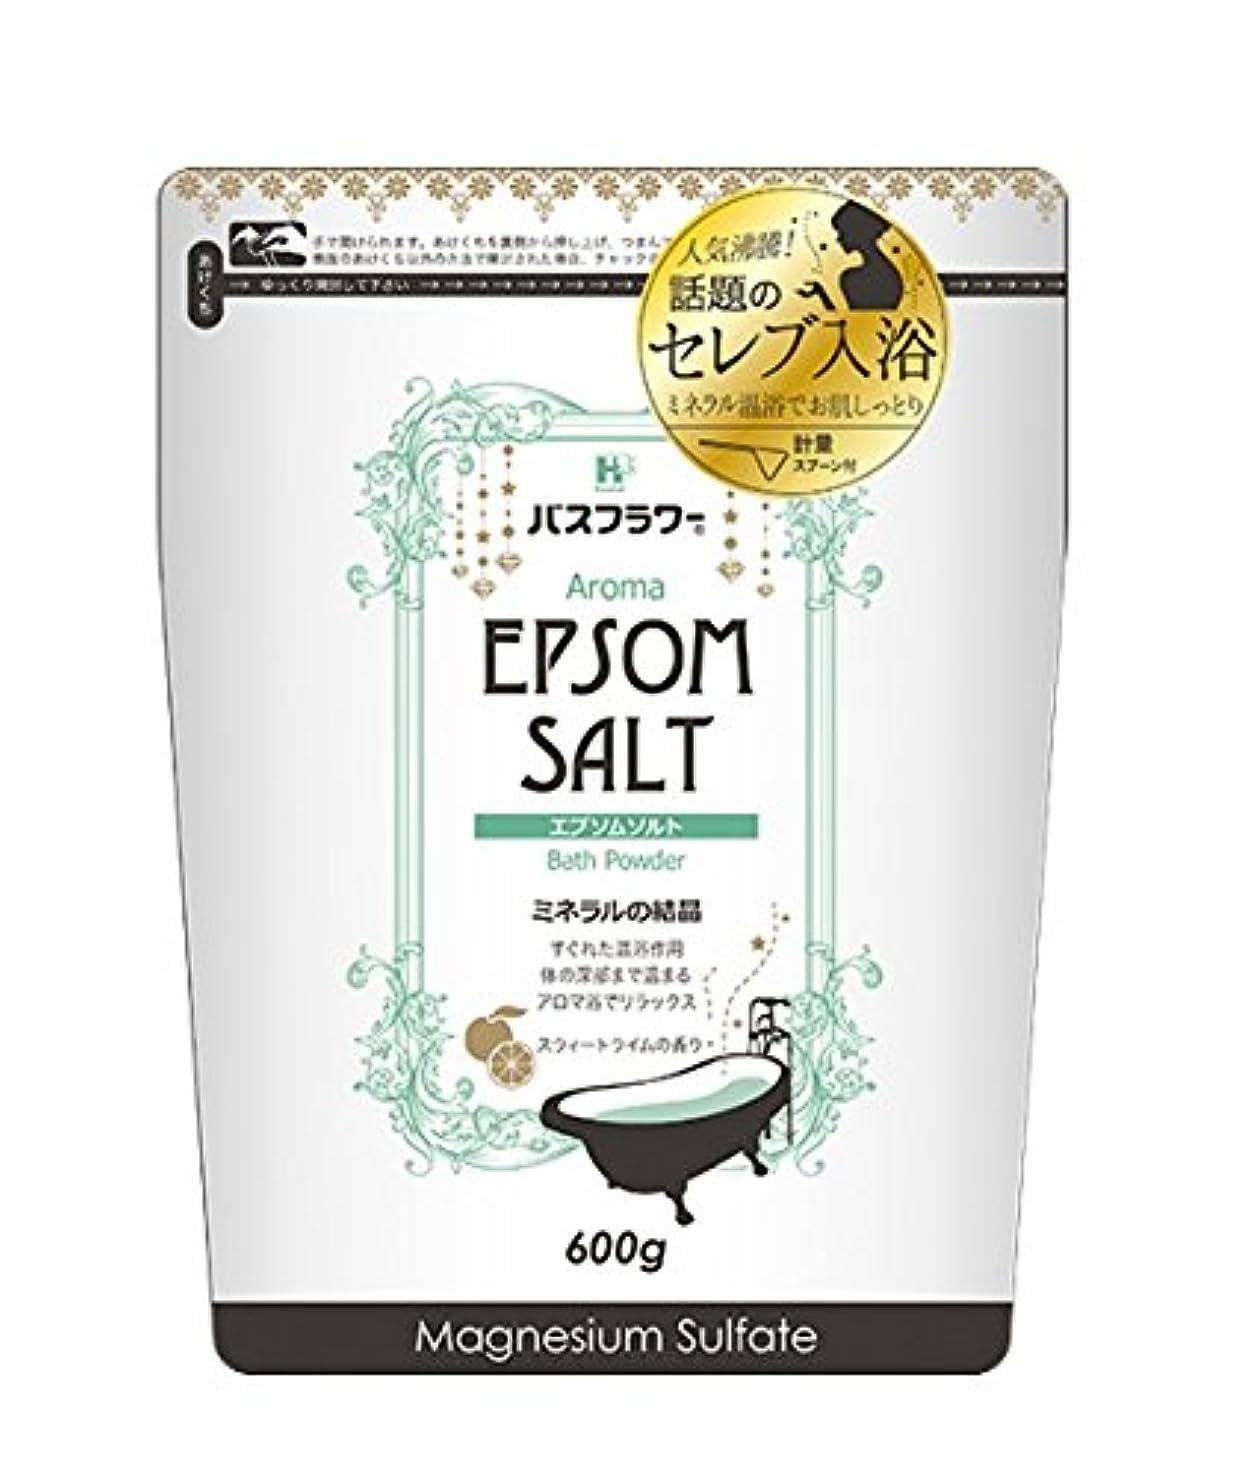 クラフト部族音ヘルス バスフラワー エプソムソルト 入浴剤 スウィートライムの香り 600g